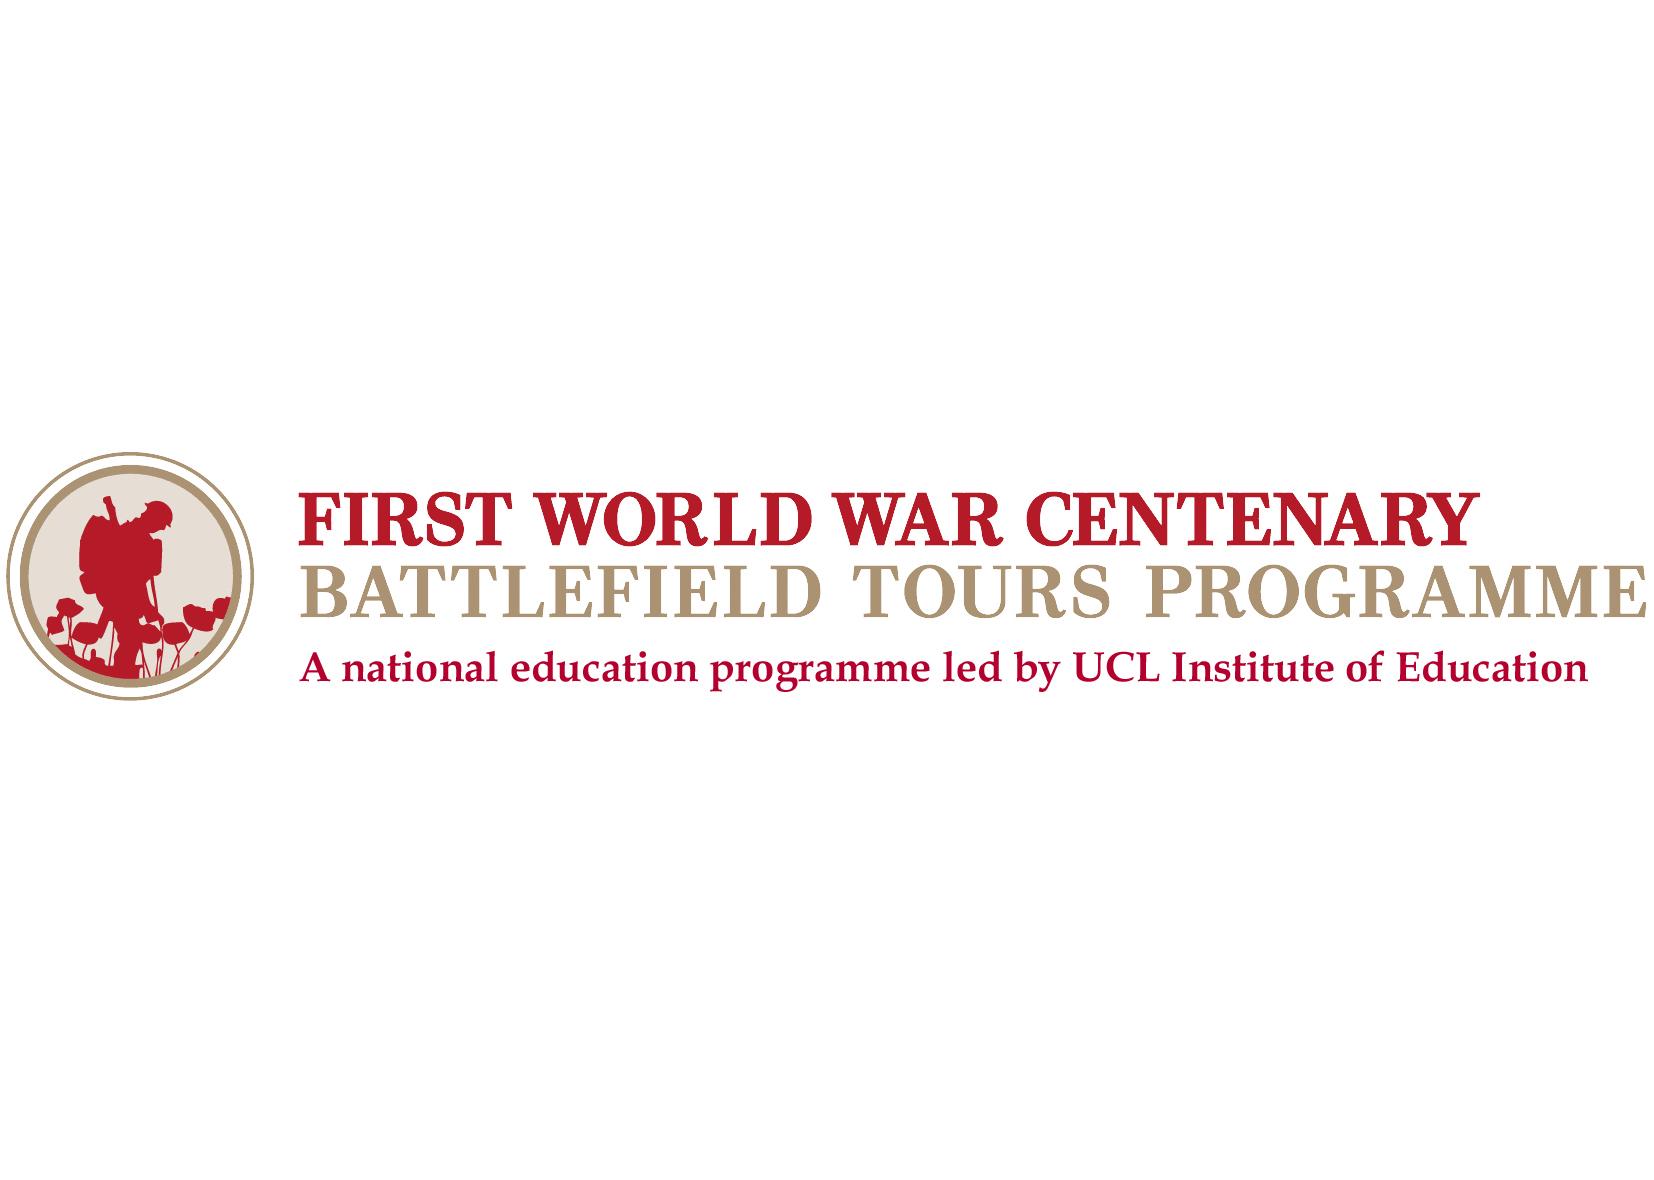 First world war battlefields logo.jpg